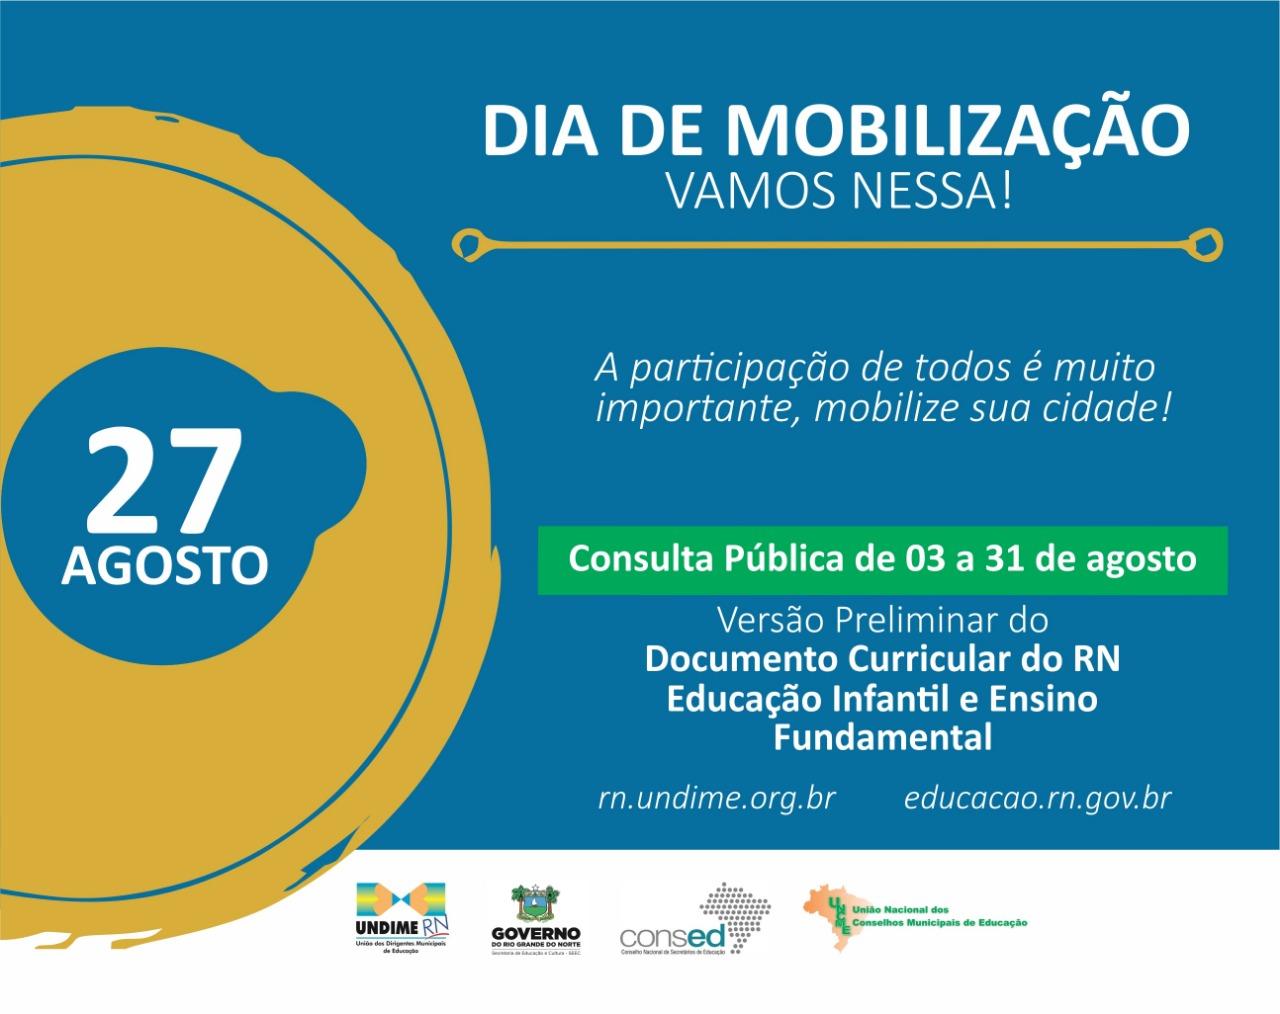 Municípios do RN são convidados para o Dia de Mobilização sobre Versão Preliminar do Documento Curricular do Ensino para Educação Infantil e Ensino Fundamental